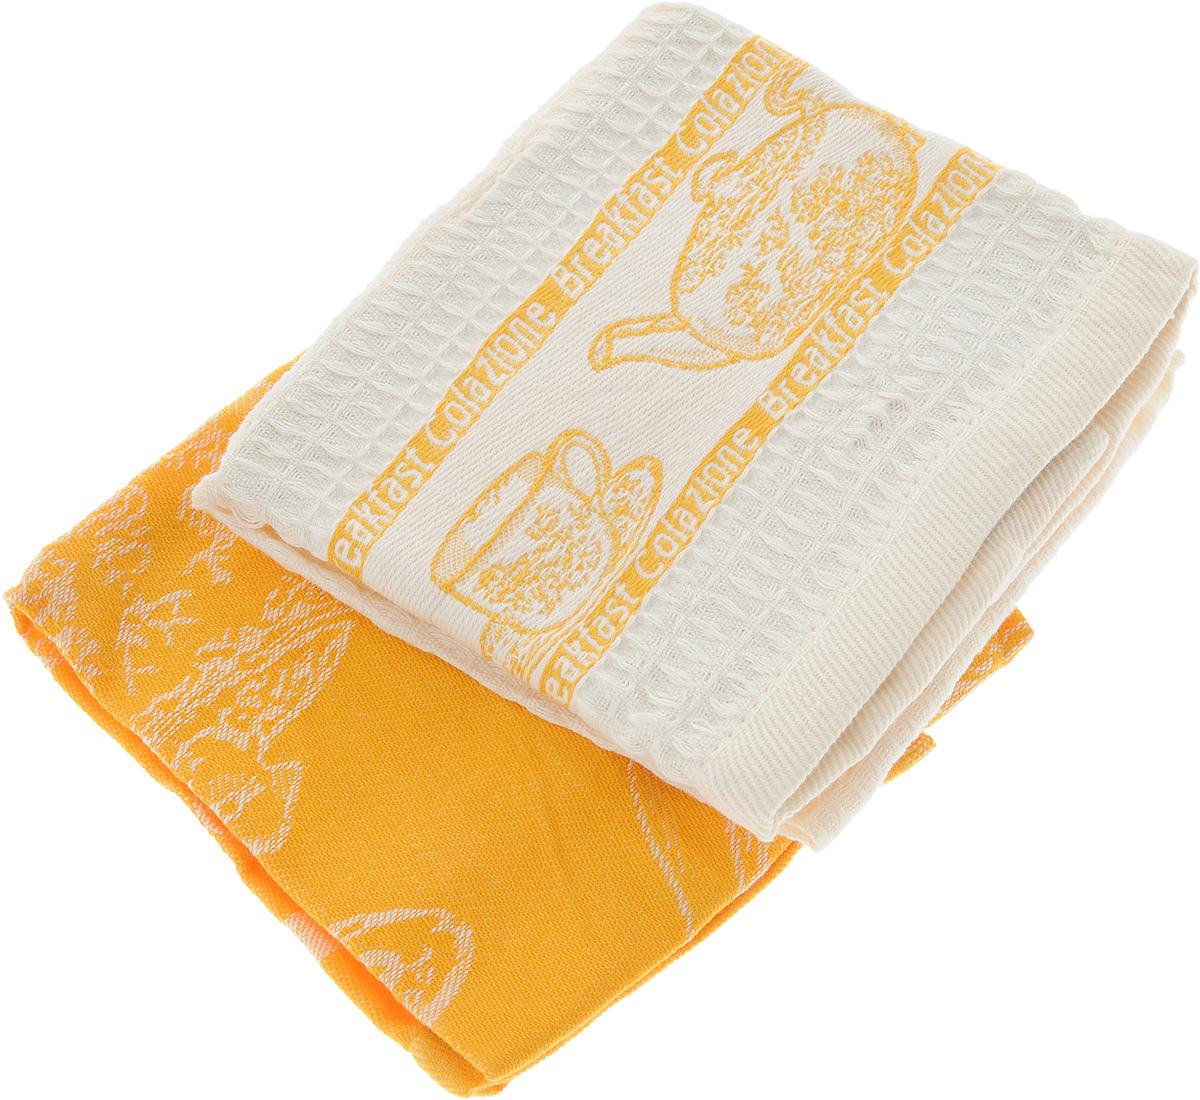 Набор кухонных полотенец Toalla Завтрак, цвет: оранжевый, бежевый, 40 x 60 см, 2 шт4630003364517Набор Toalla Завтрак состоит из двух прямоугольных полотенец, выполненных из 100% хлопка. Ткань полотенец обладает высокой плотностью и мягкостью, отличается высоким качеством и длительным сроком службы. В процессе эксплуатации материал становится только мягче и приятней на ощупь. Египетский хлопок не содержит линта (хлопковый пух), поэтому на ткани не образуются катышки даже после многократных стирок и длительного использования. Сверхдлинные волокна придают ткани характерный красивый блеск. Полотенца отлично впитывают влагу и быстро сохнут. Набор предназначен для использования на кухне и в столовой. Полотенца дополнены изящным вышитым бордюром.Набор полотенец Toalla Завтрак - отличное приобретение для каждой хозяйки.